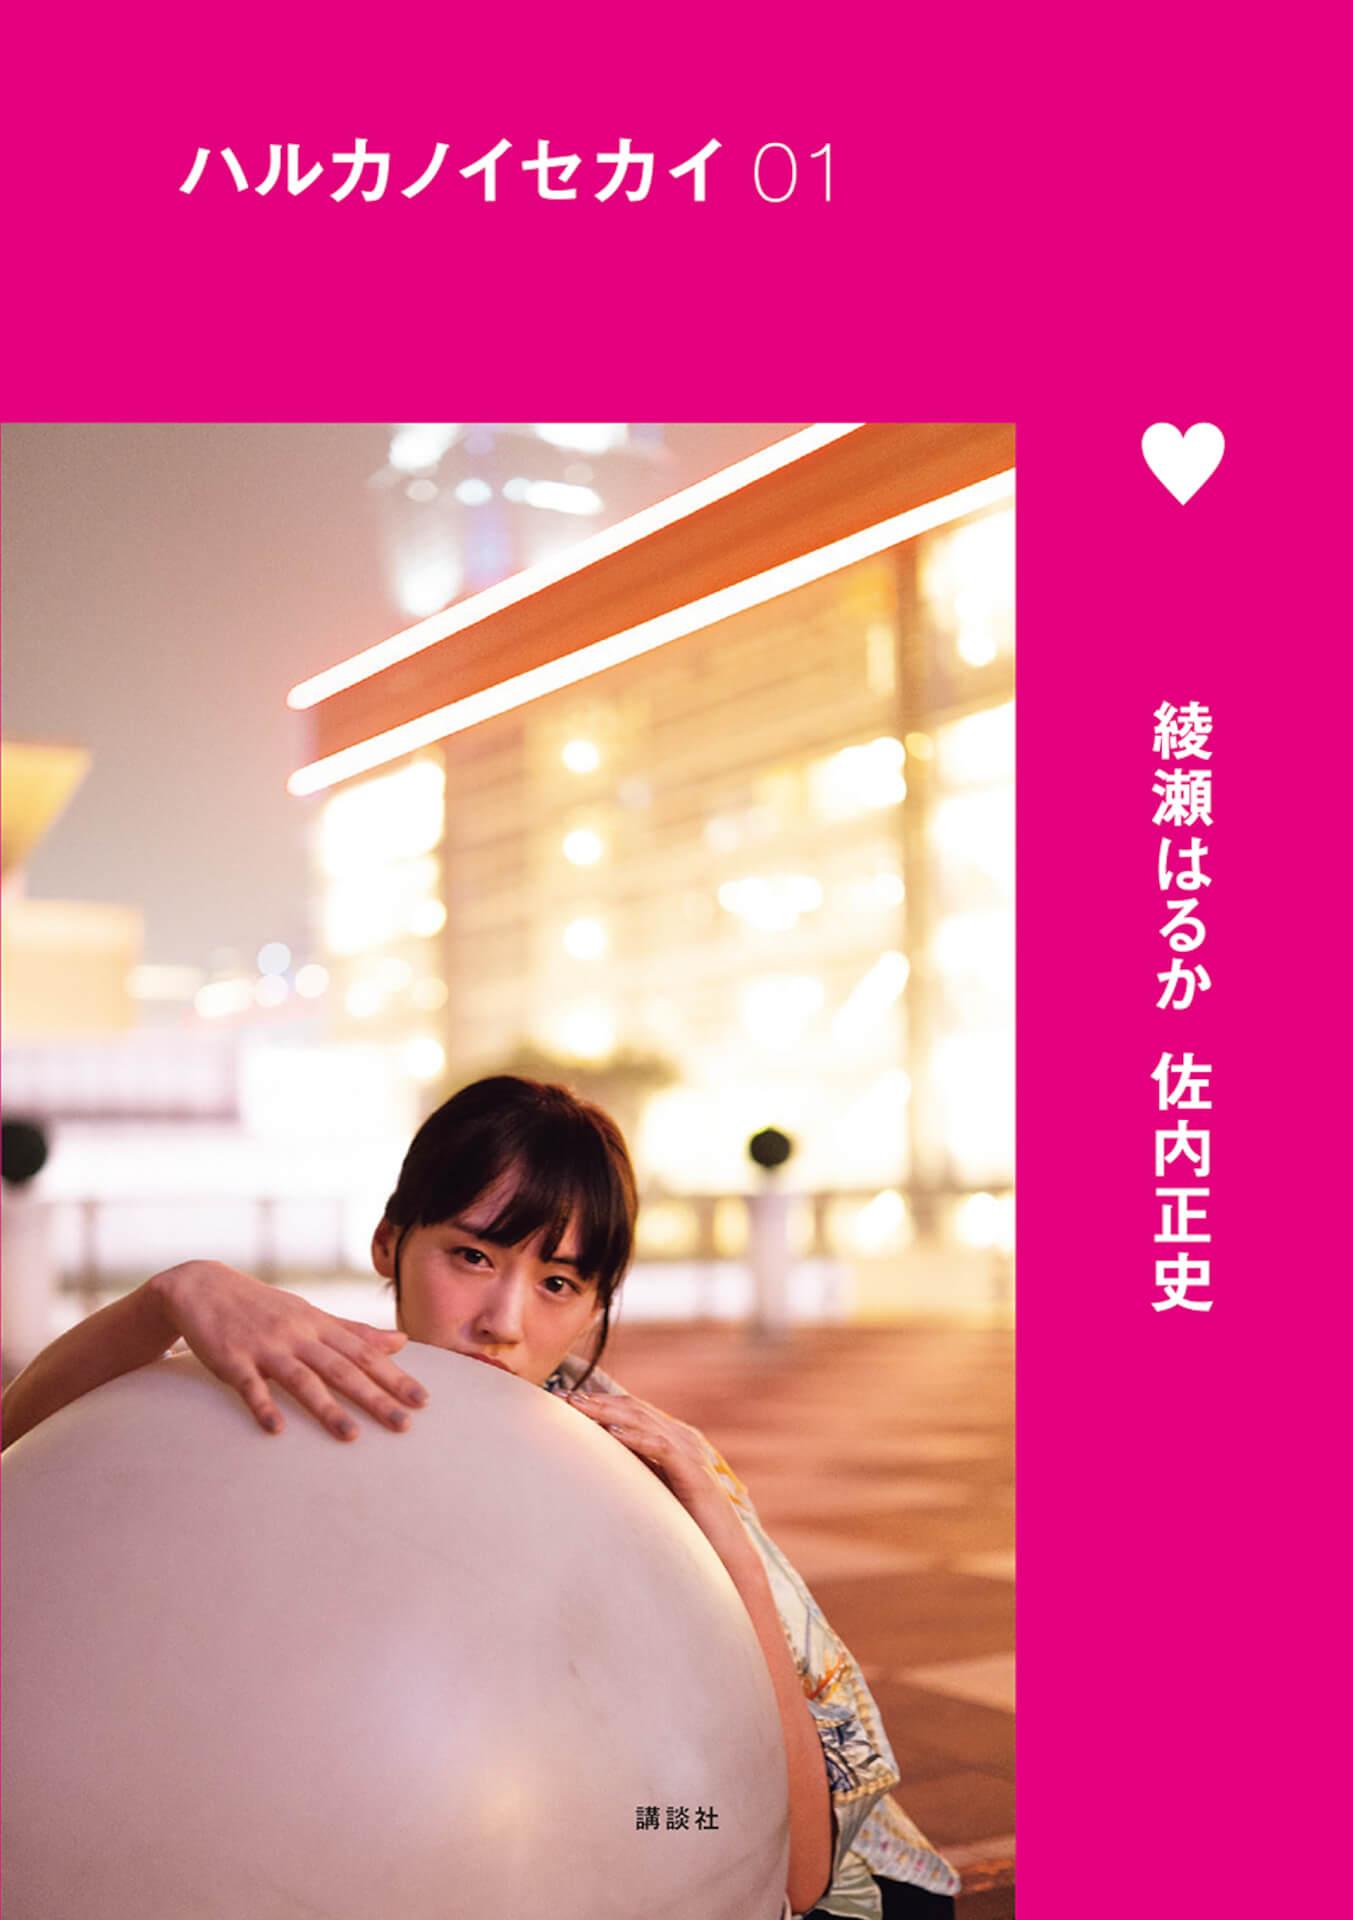 綾瀬はるかのたわわな姿も収録されたフォトブック『ハルカノイセカイ』シリーズが電子版としてリリース! art200612_ayaseharuka_2